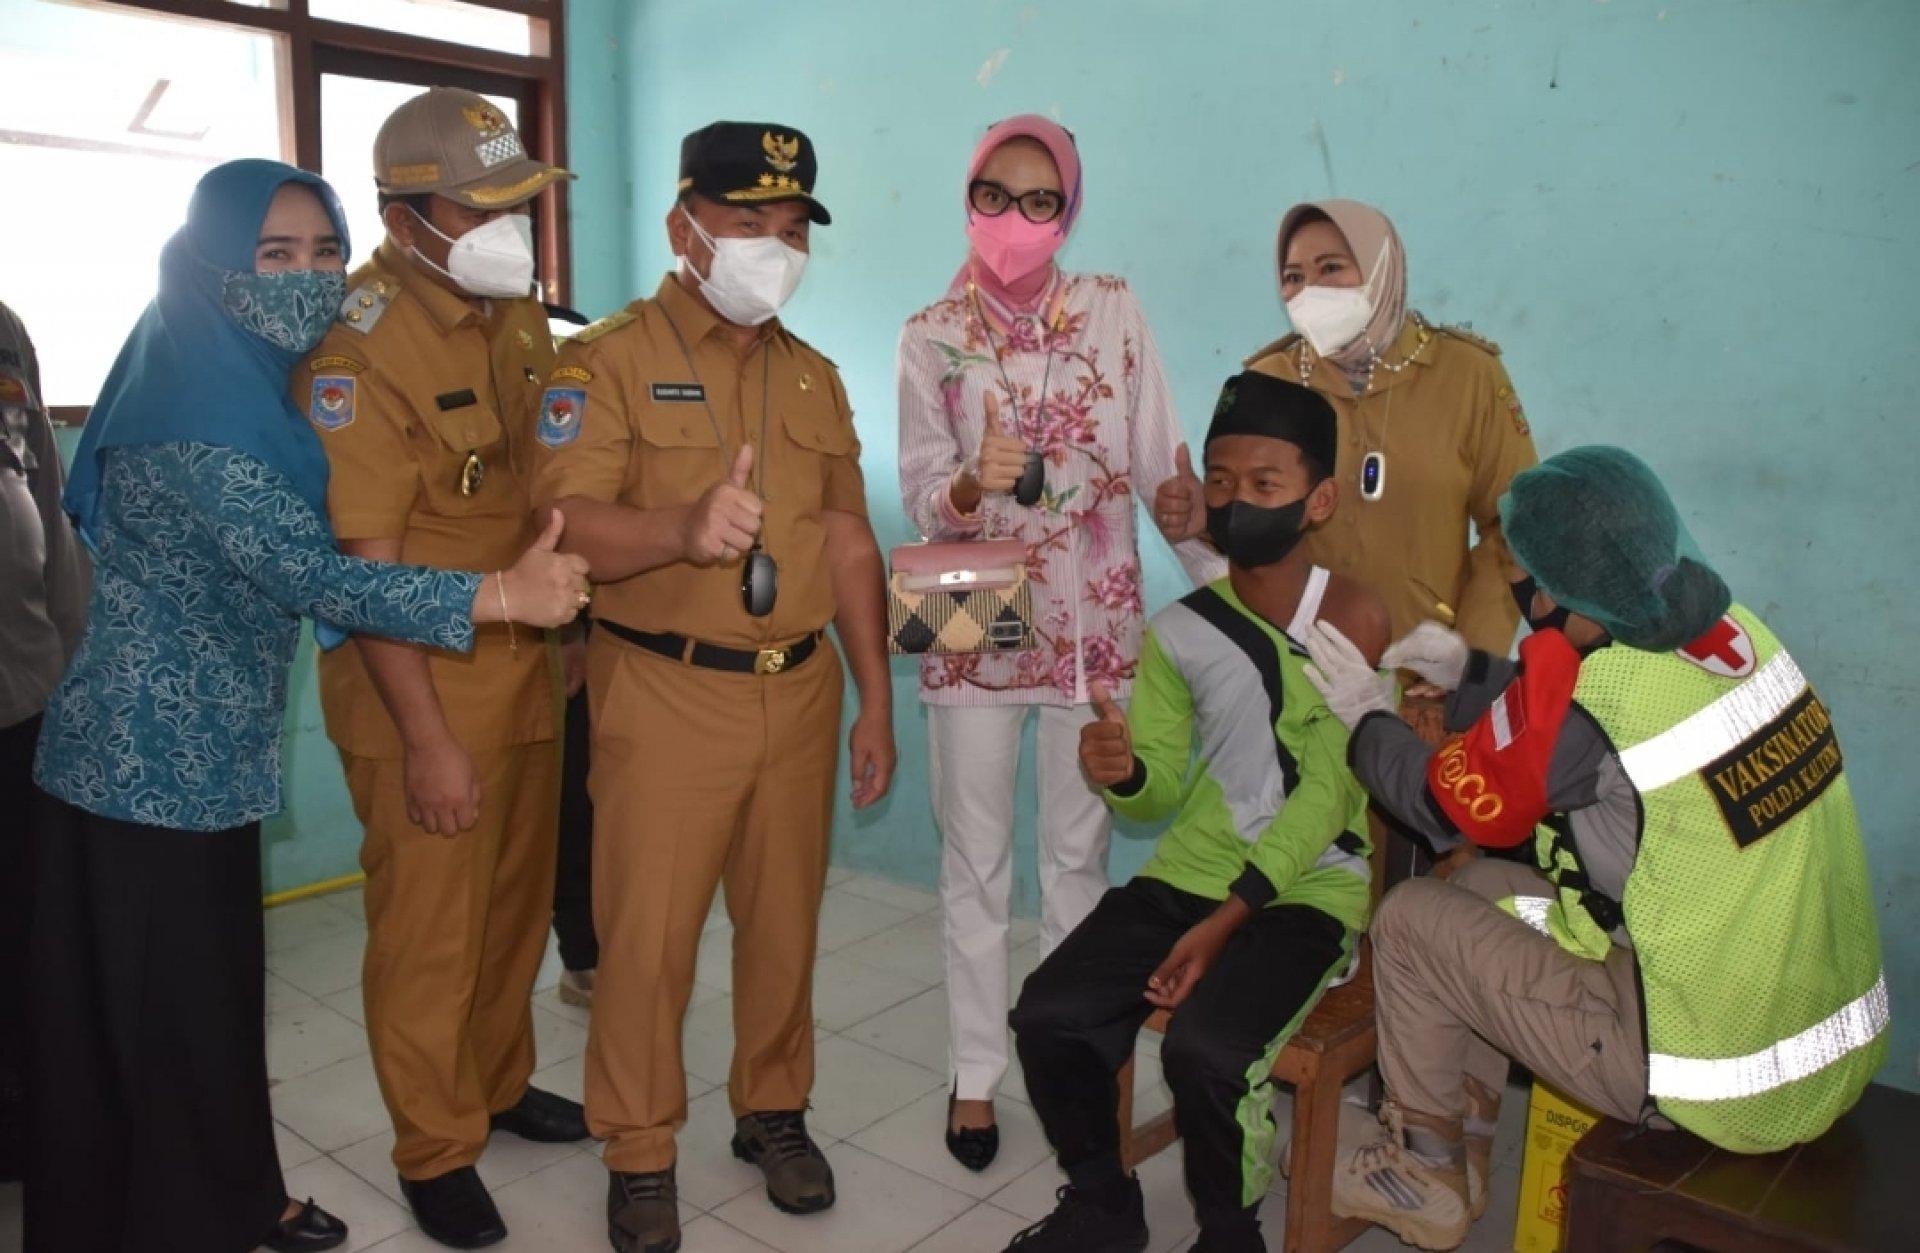 Gubernur Sugianto Sabran Tinjau Vaksinasi Bagi Pelajar di Kotawaringin Barat